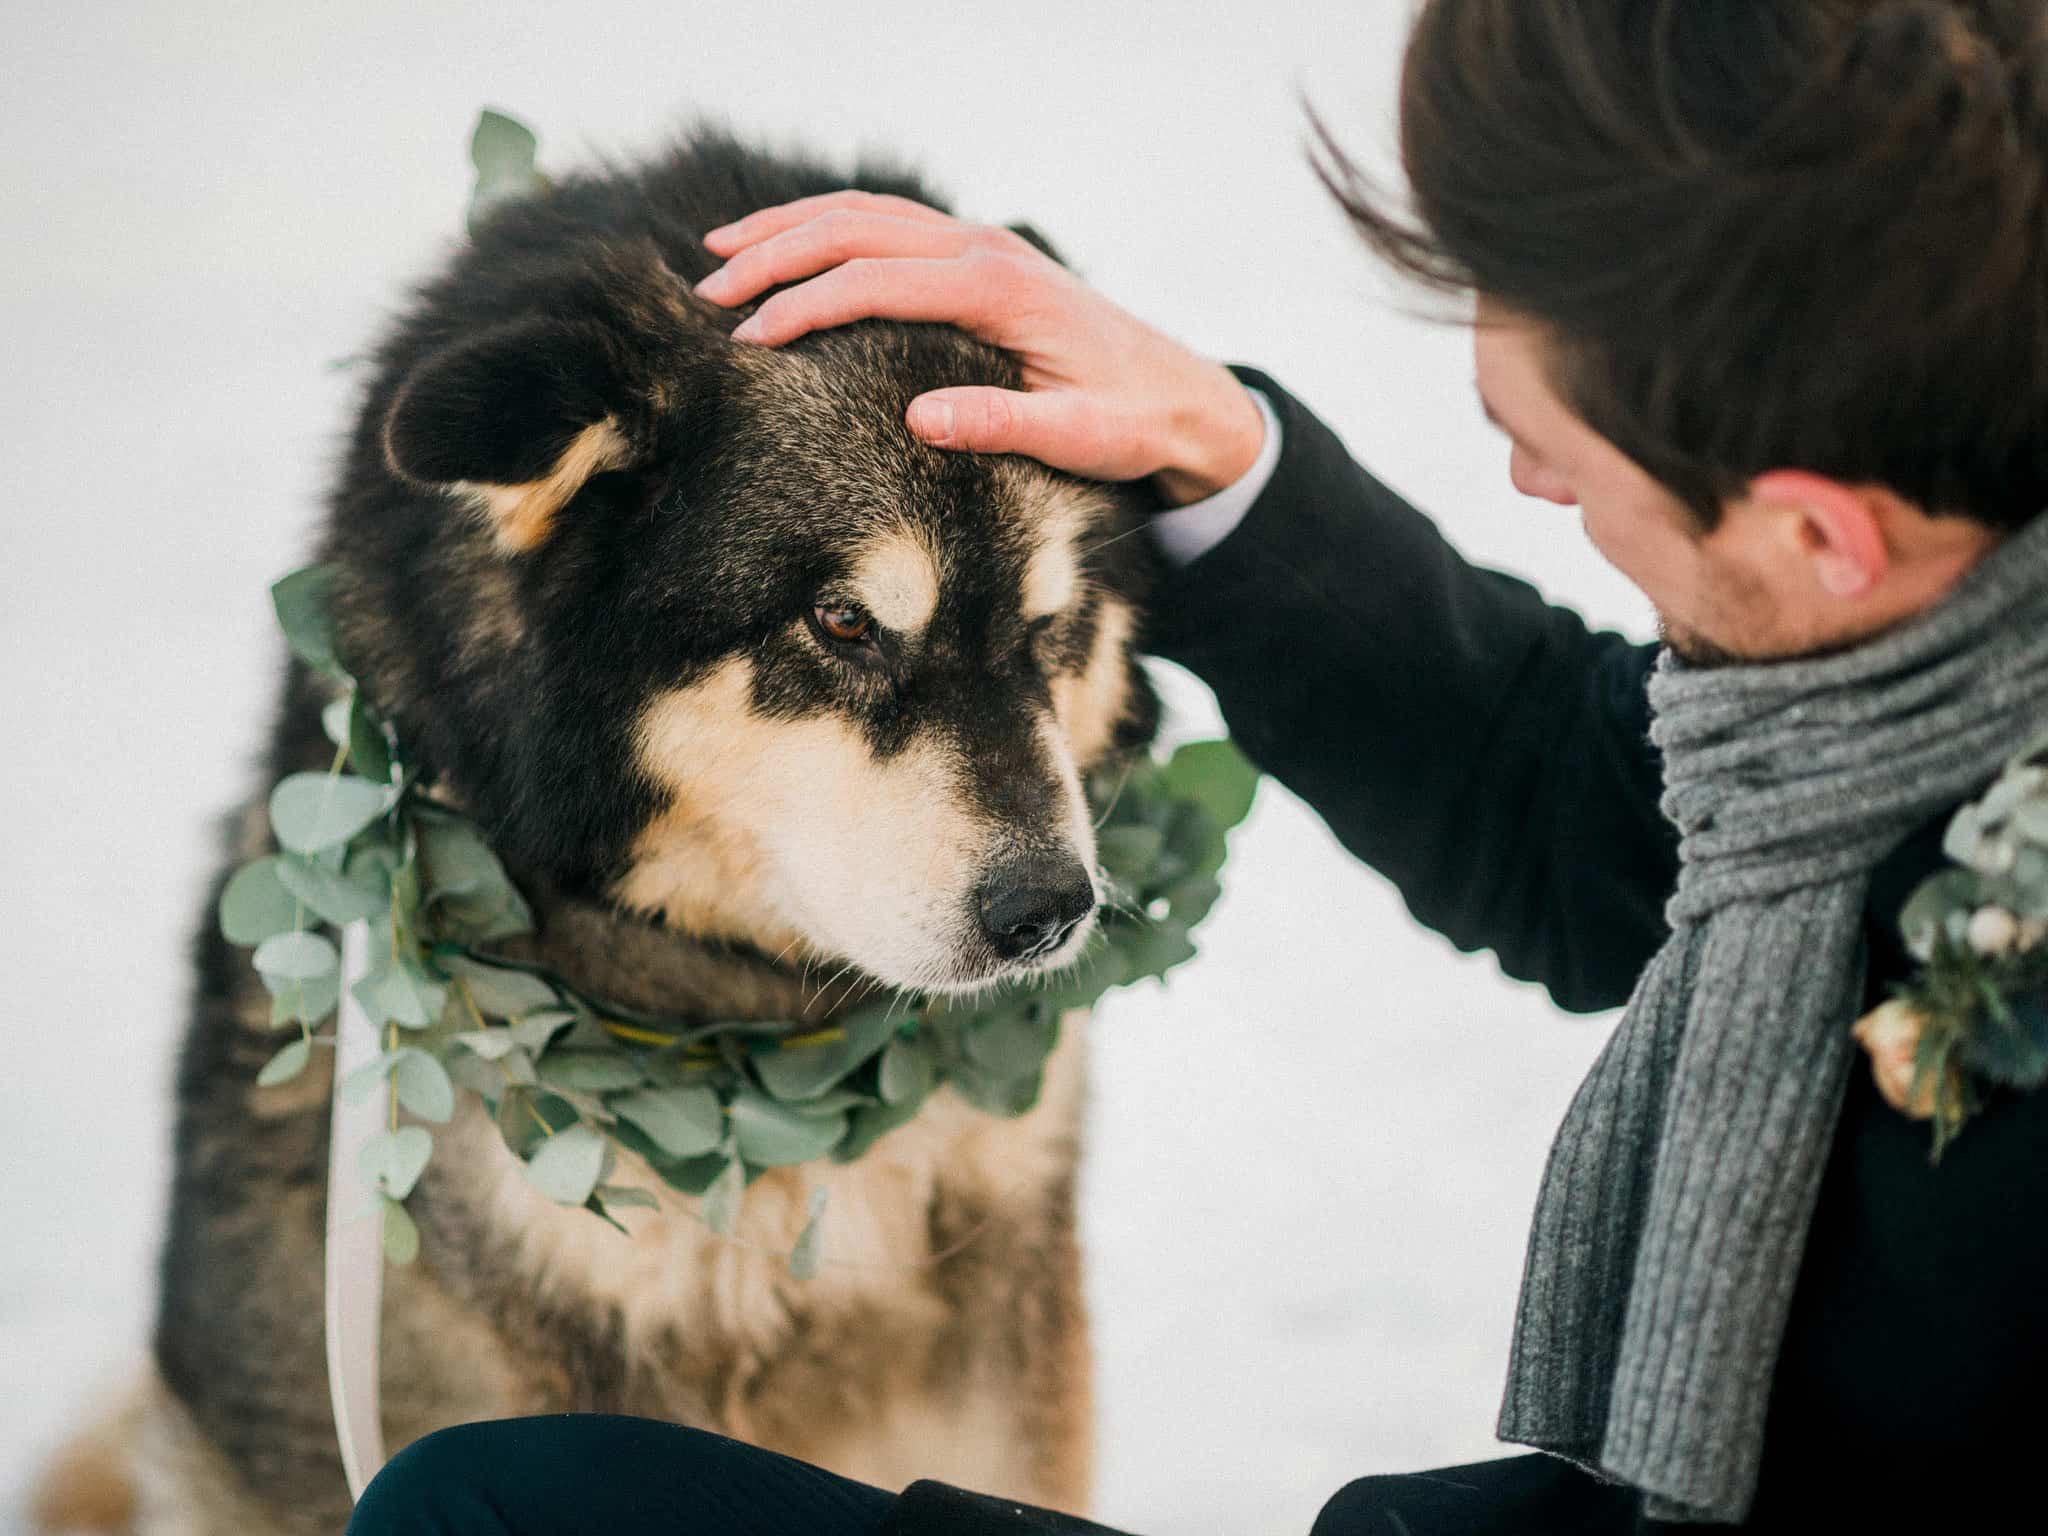 60_wedoverhills_petting_a_malamut